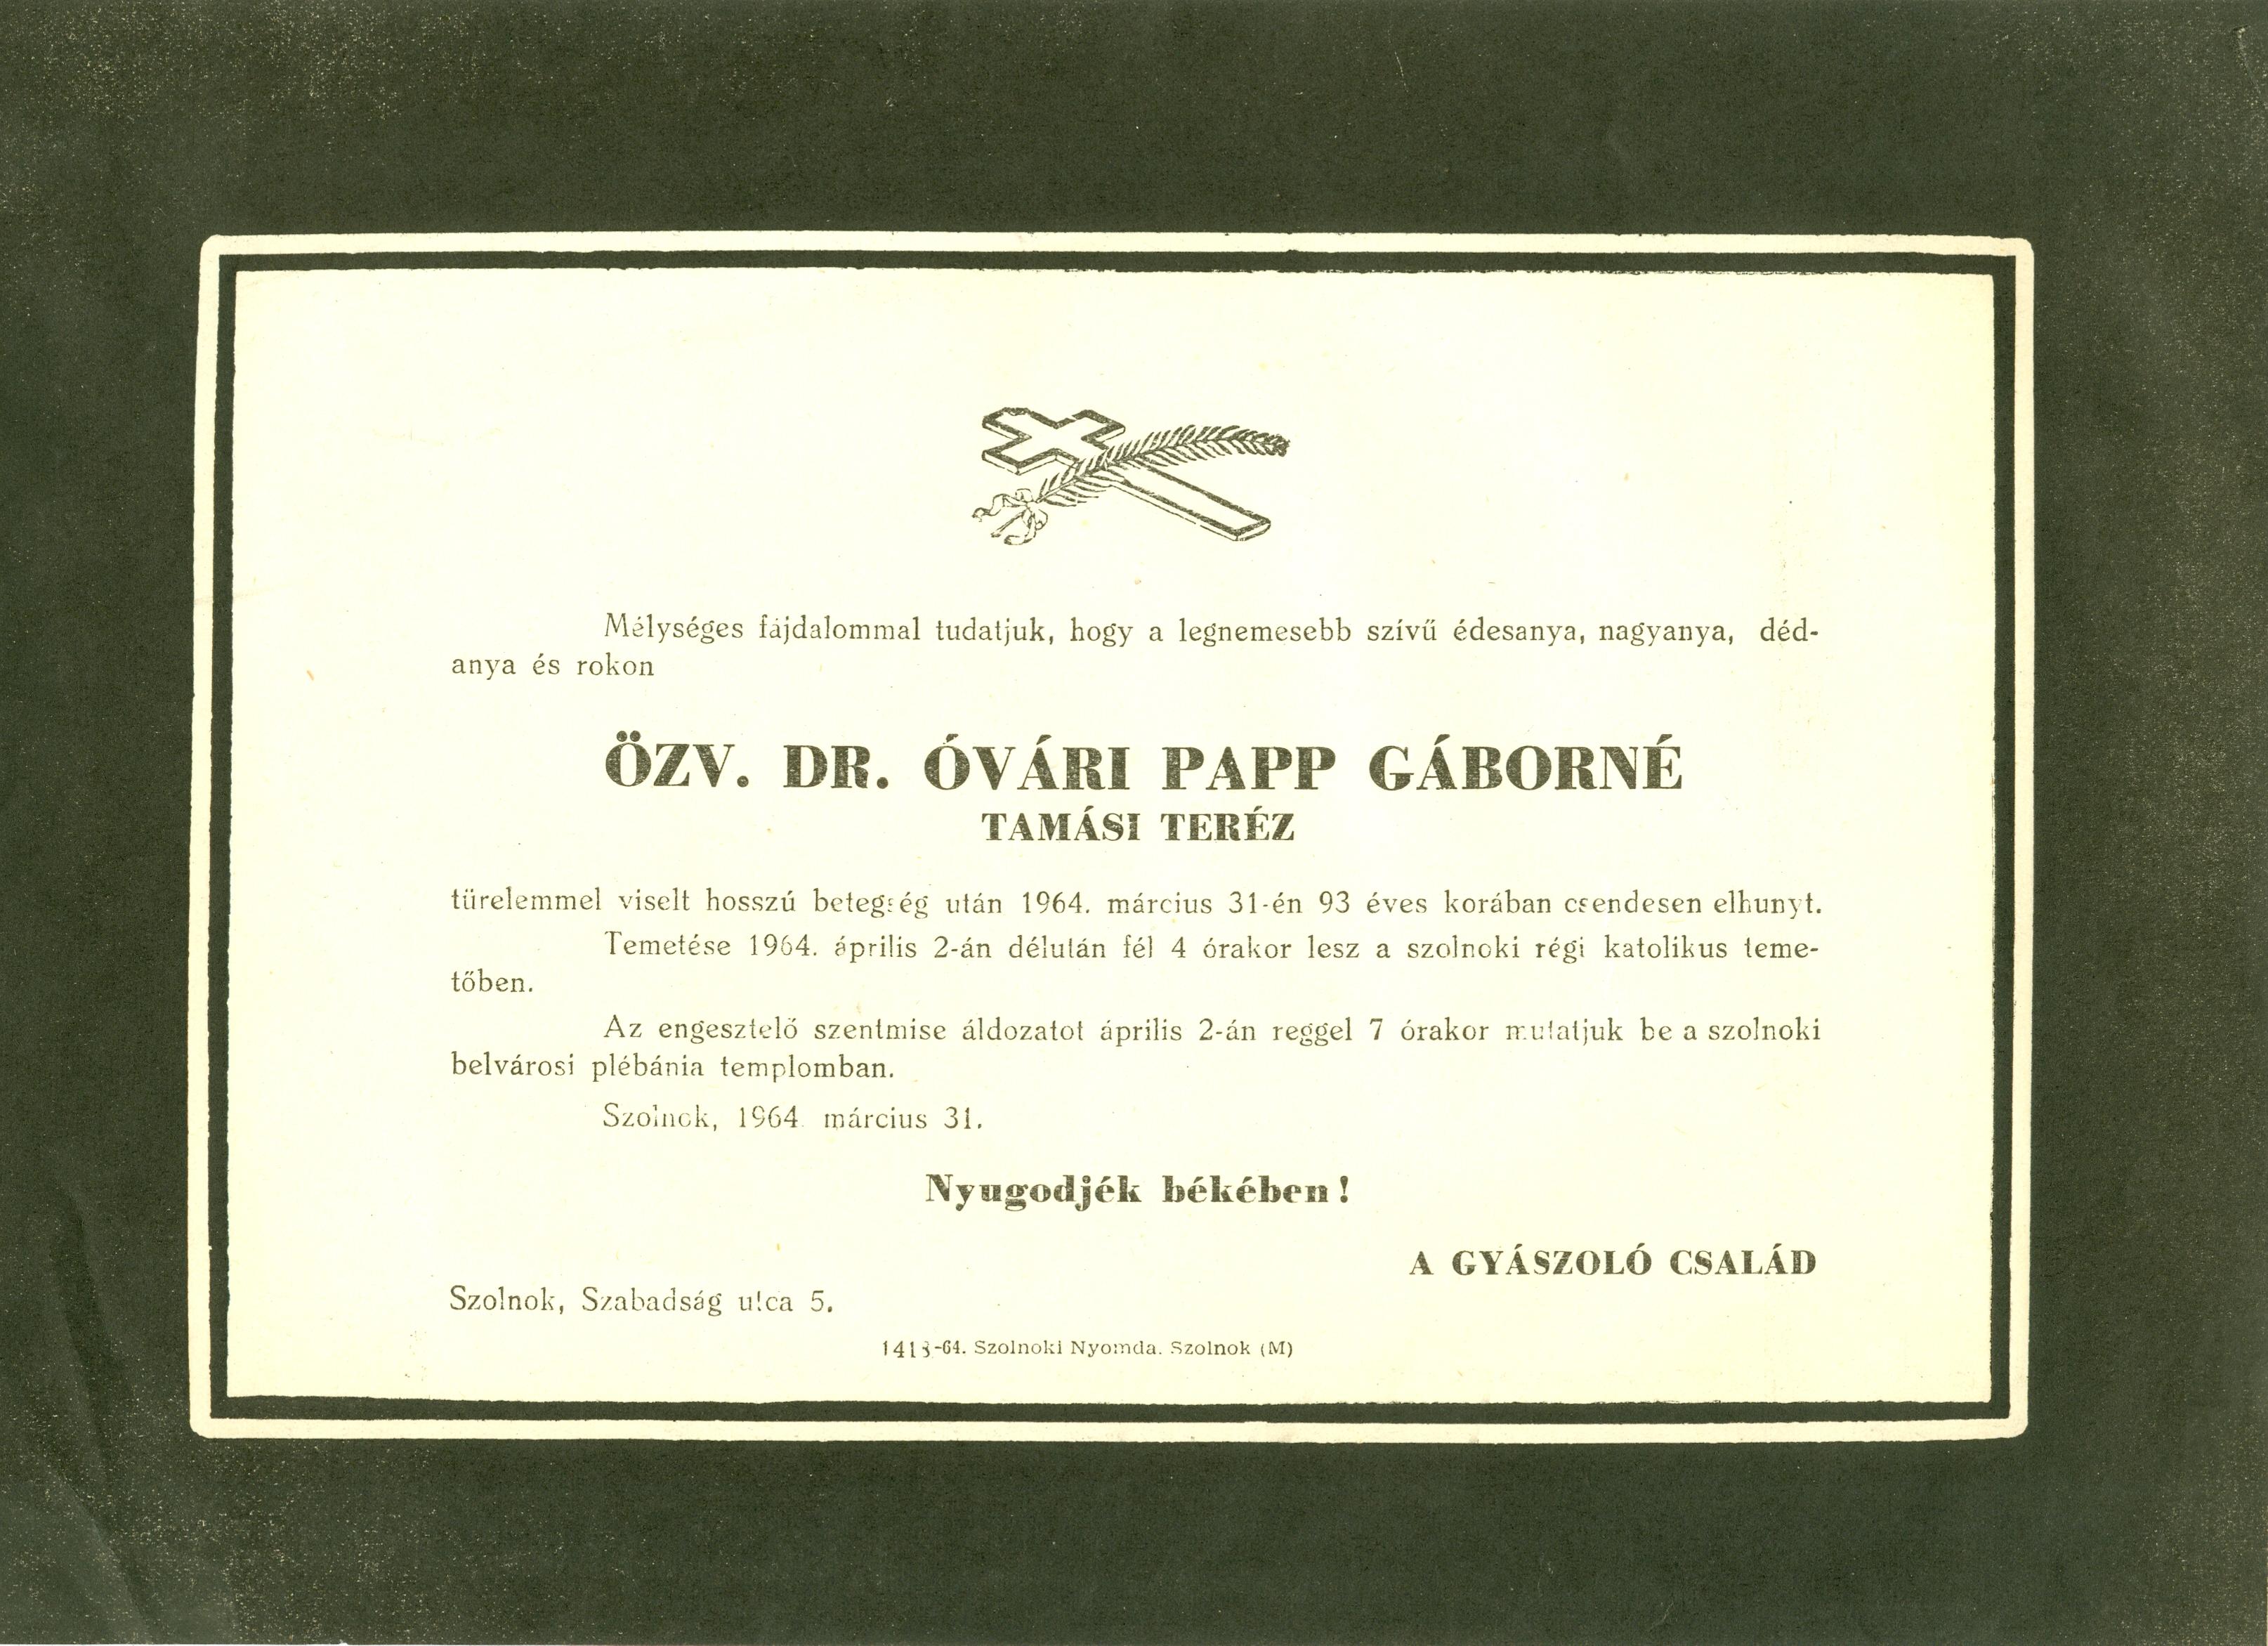 Óvári Papp Gáborné